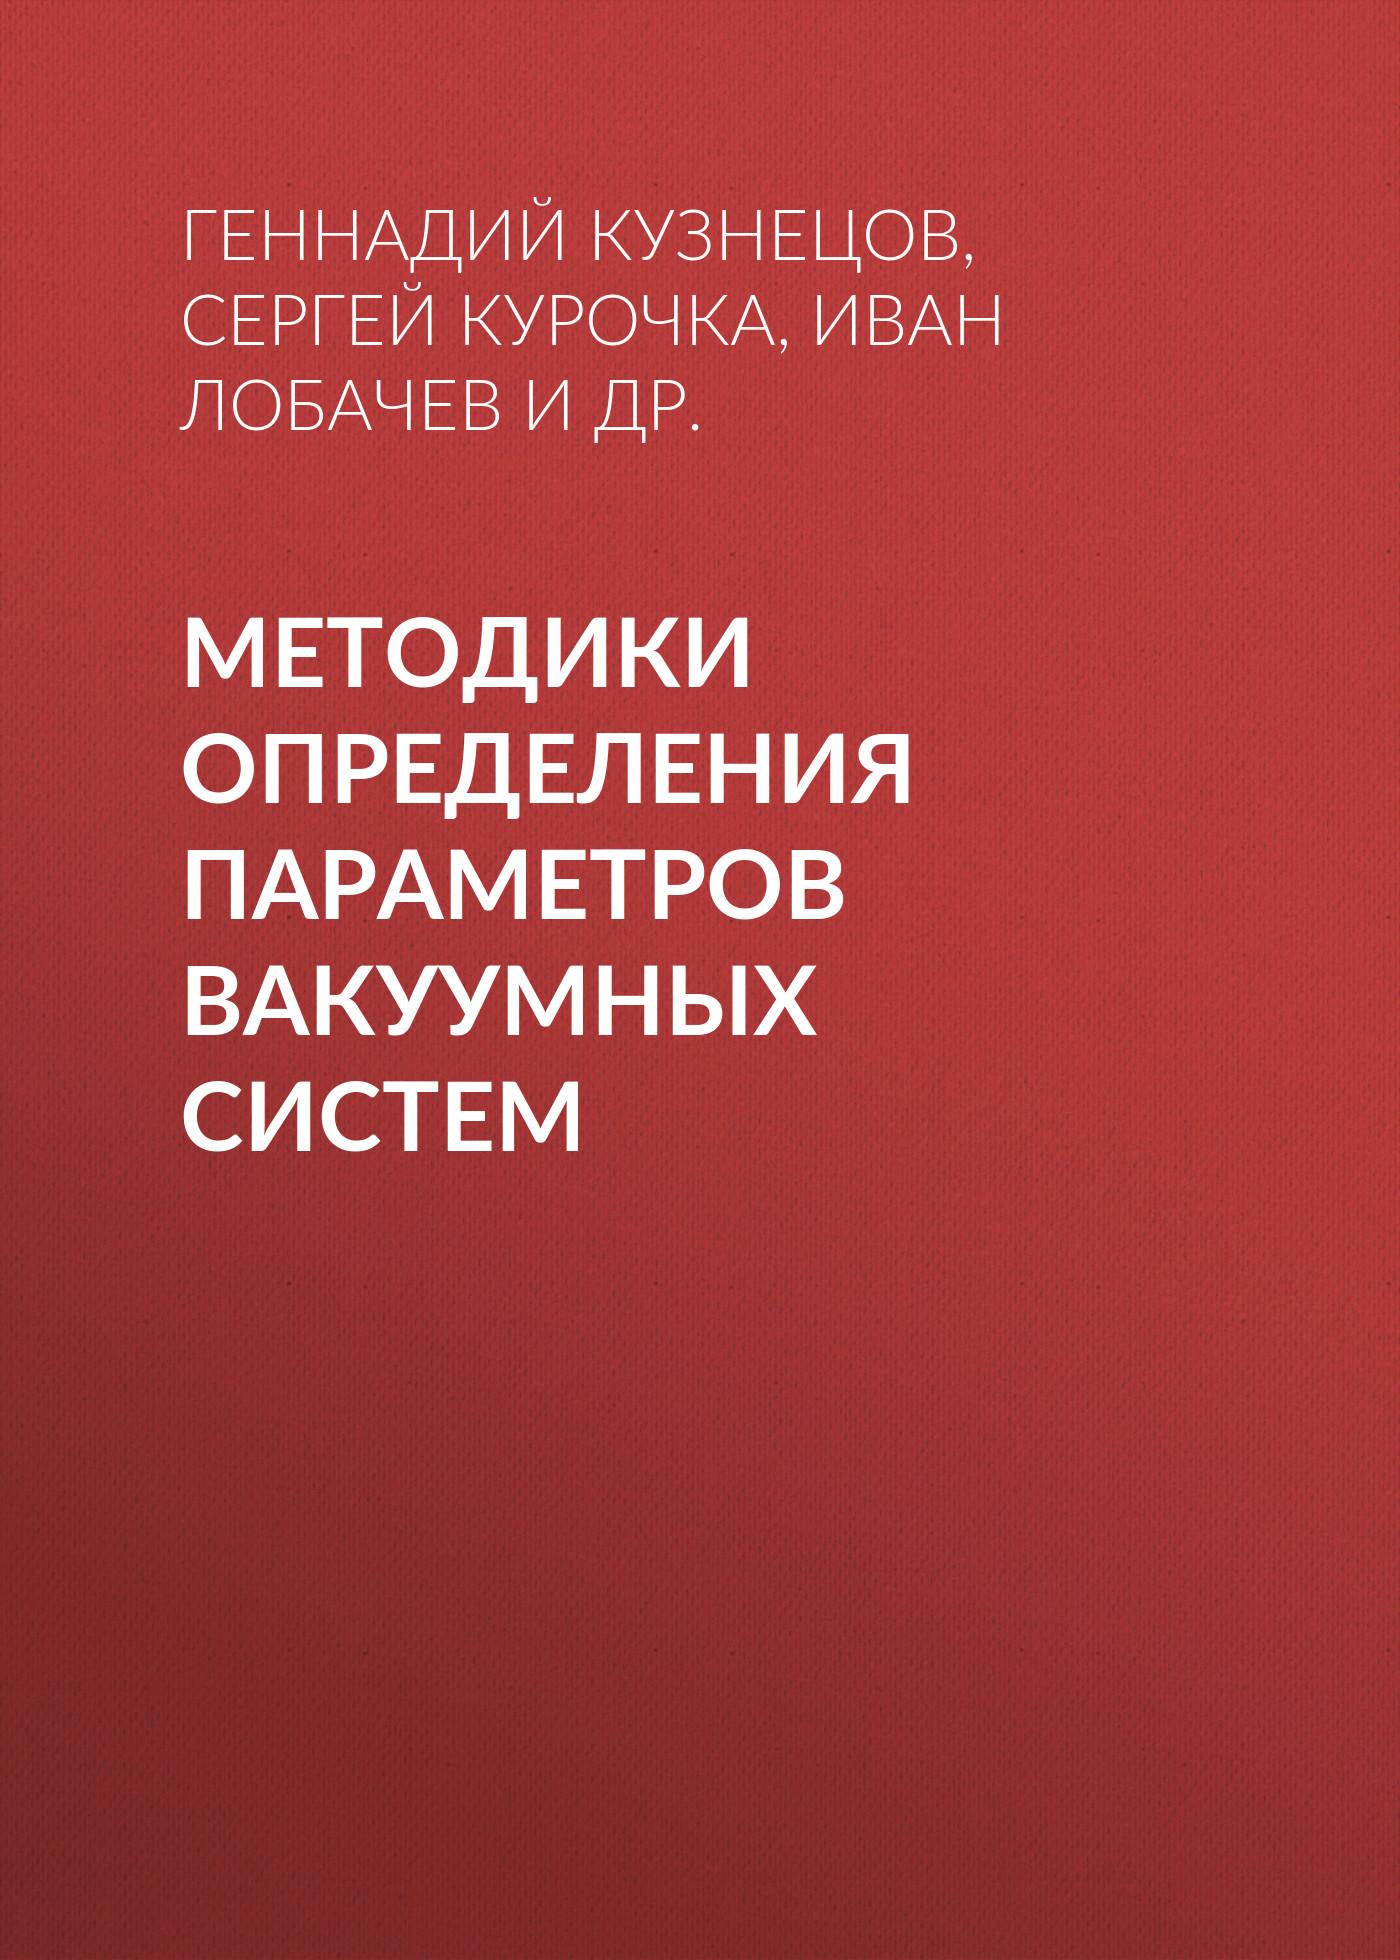 Геннадий Кузнецов Методики определения параметров вакуумных систем препараты иал систем с доставкой почтой